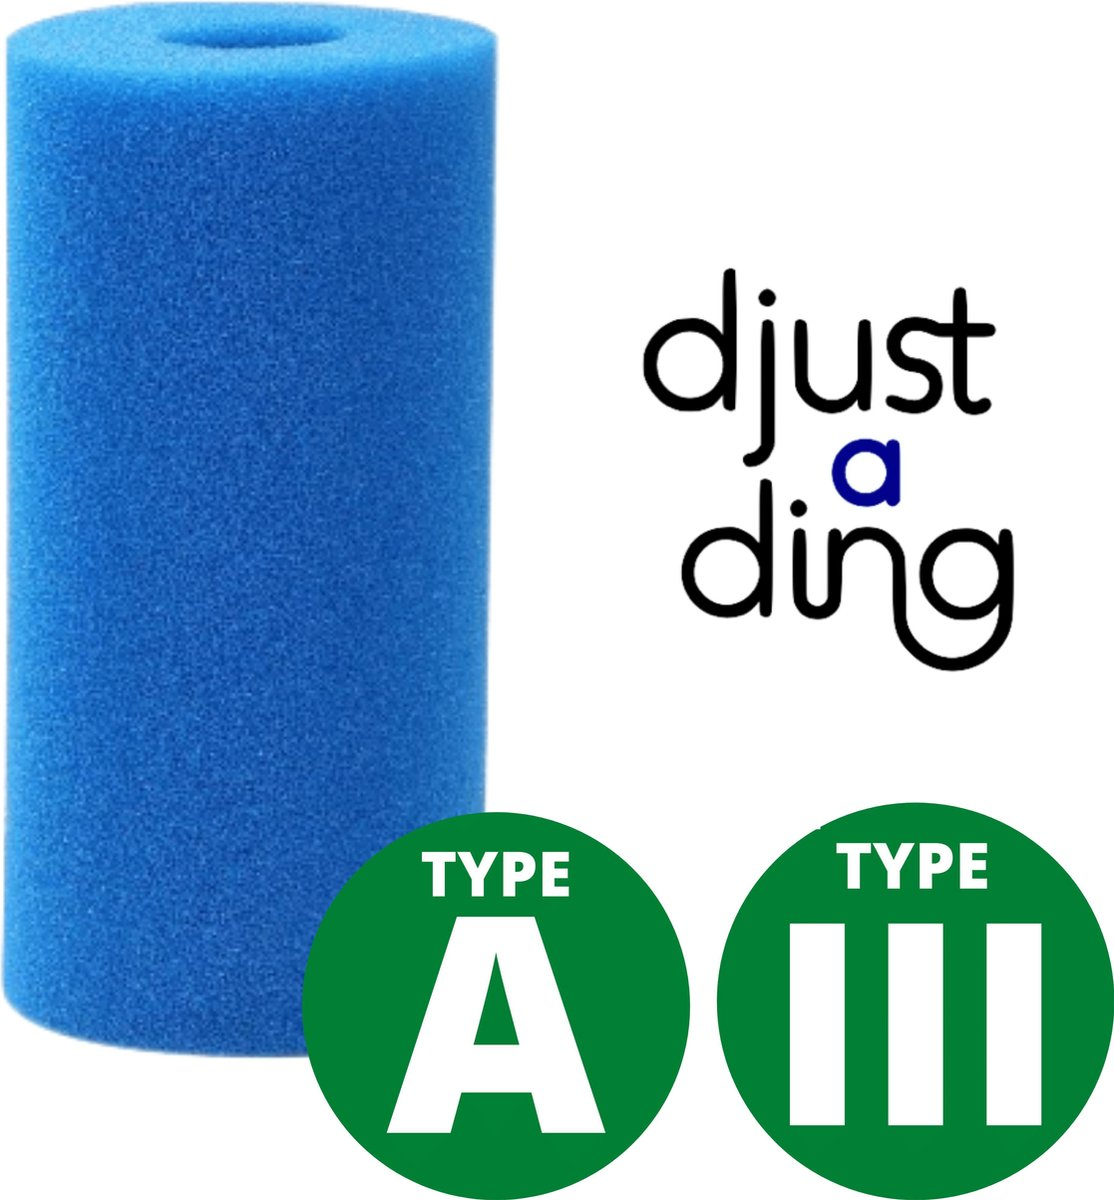 Type A / III Filter Zwembad Herbruikbaar - Geschikt als Zwembad Filter Intex of Bestway - Zwembad Onderhoud Filtercartridge - Djust A Ding